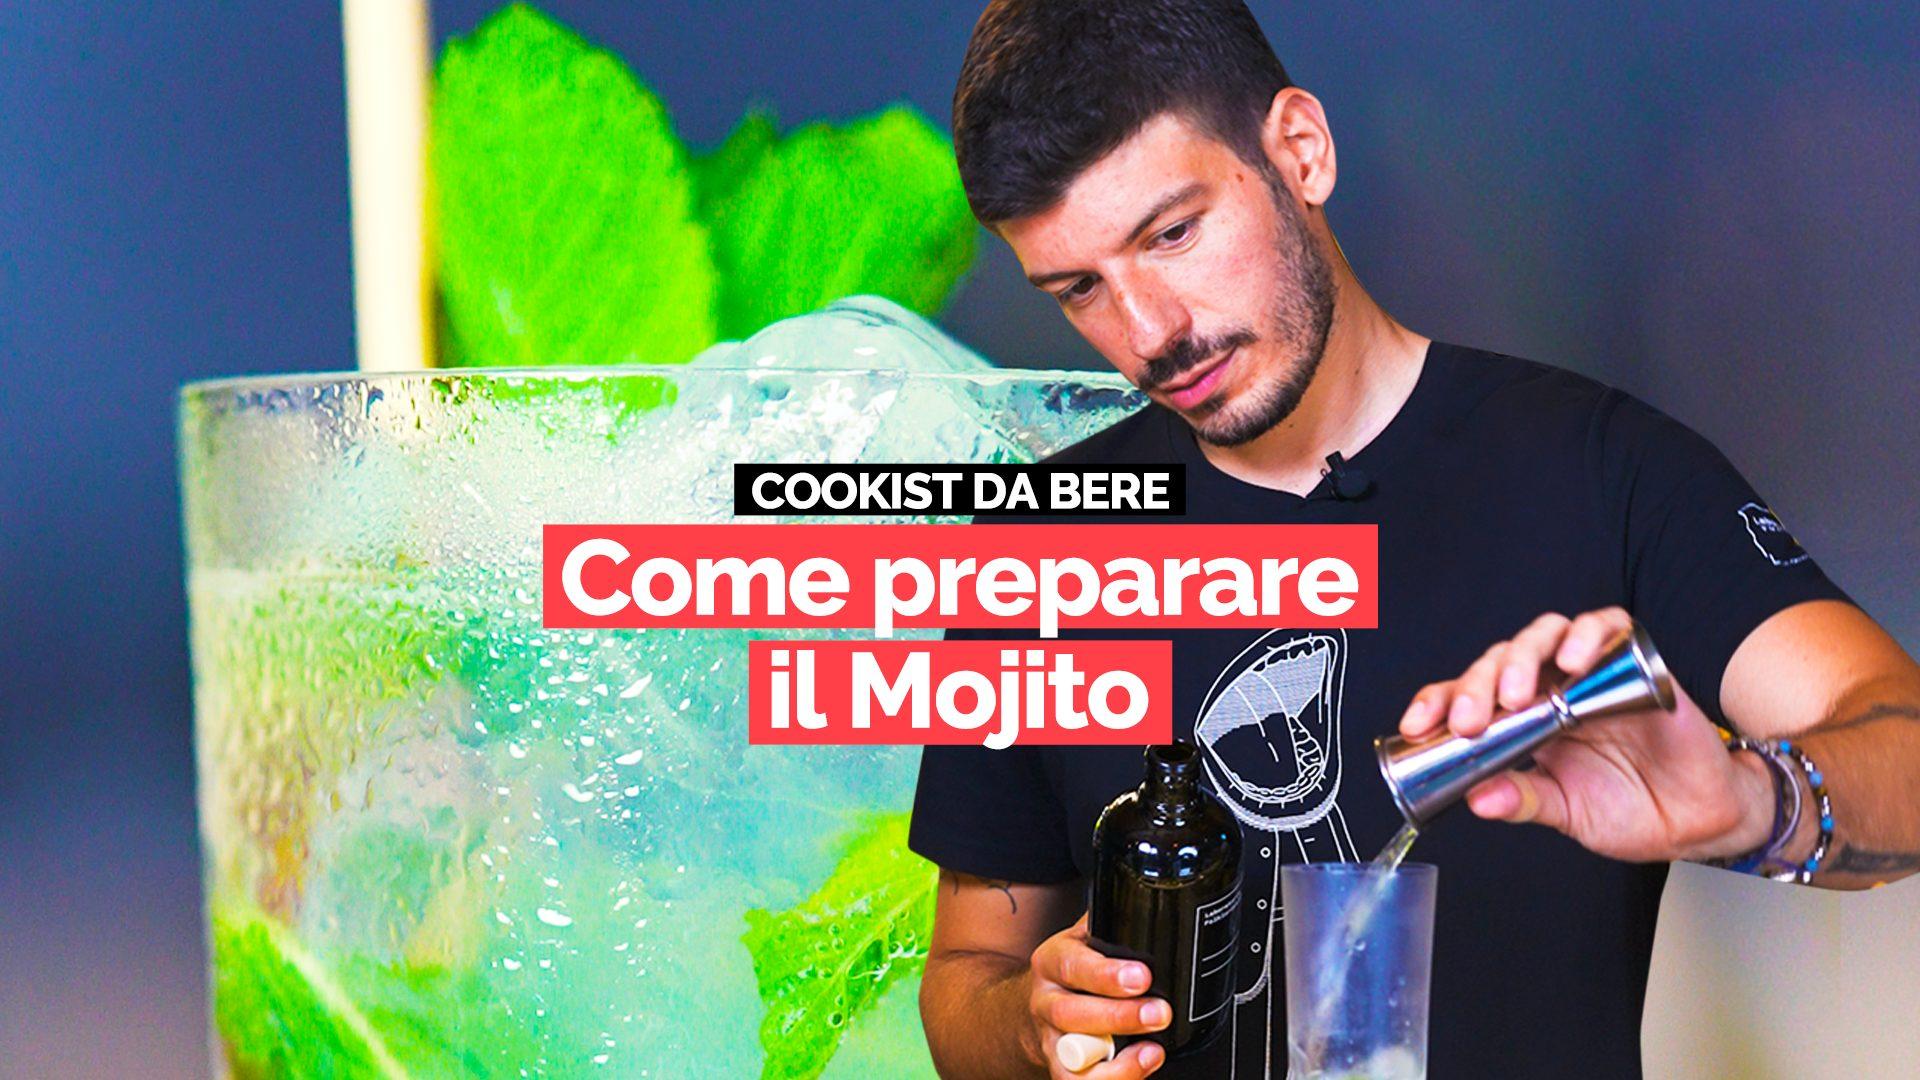 Mojito, la ricetta originale e le sue varianti con uno dei migliori bartender d'Italia